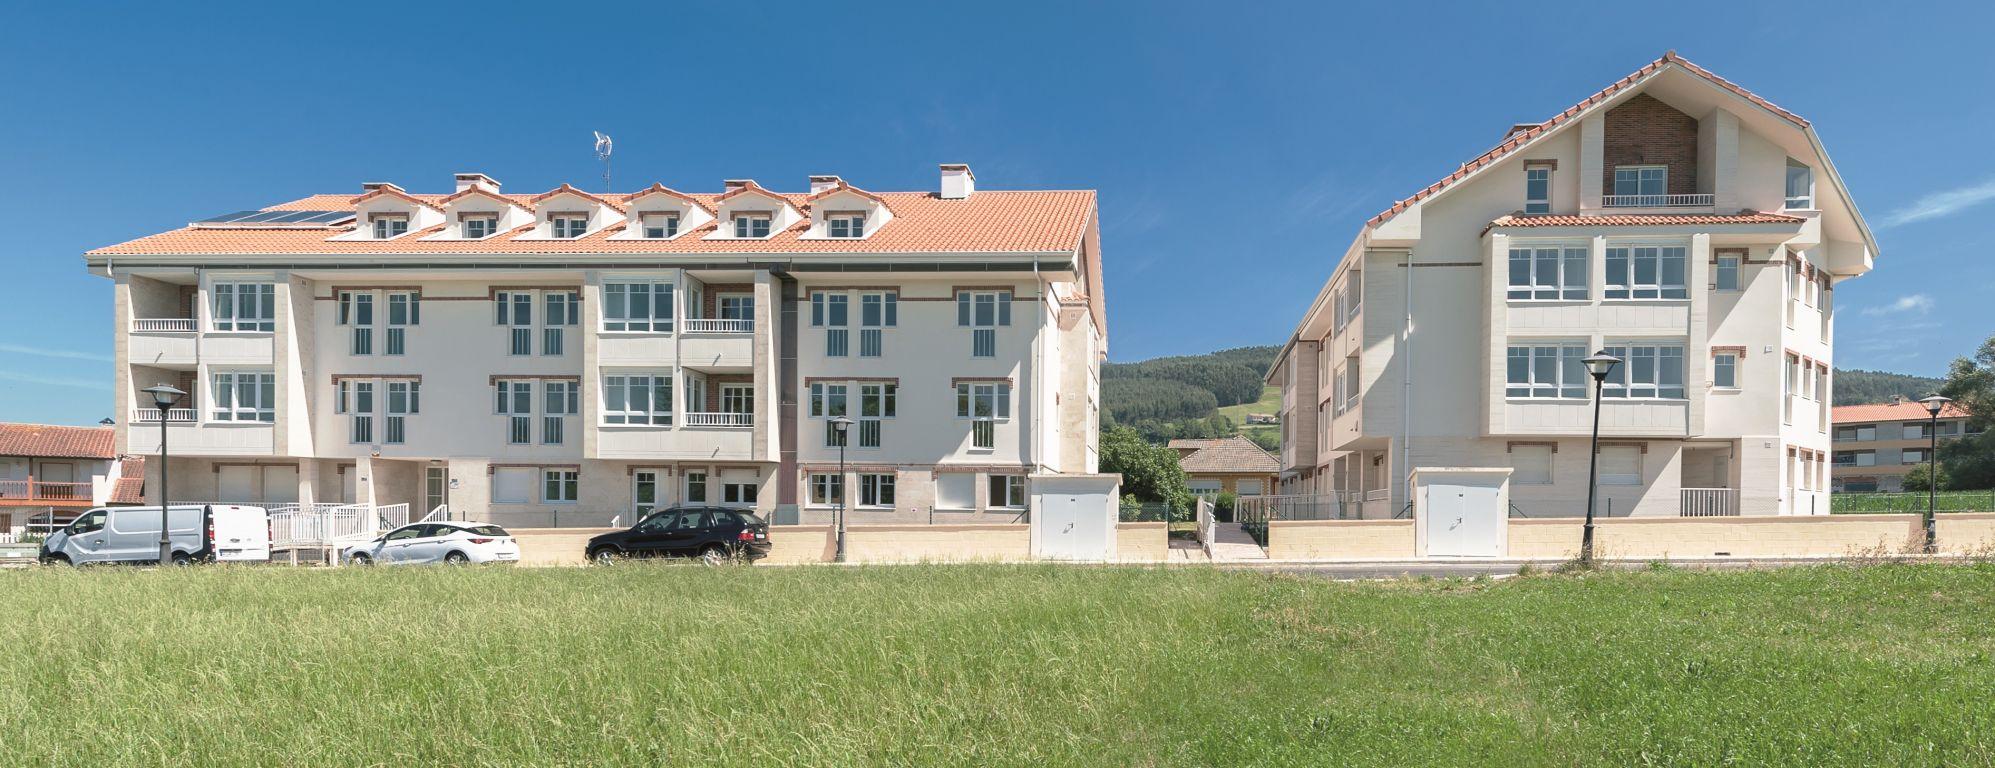 Piso en venta en San Mames De Meruelo  de 2 Habitaciones, 2 Baños y 77 m2 por 76.000 €.